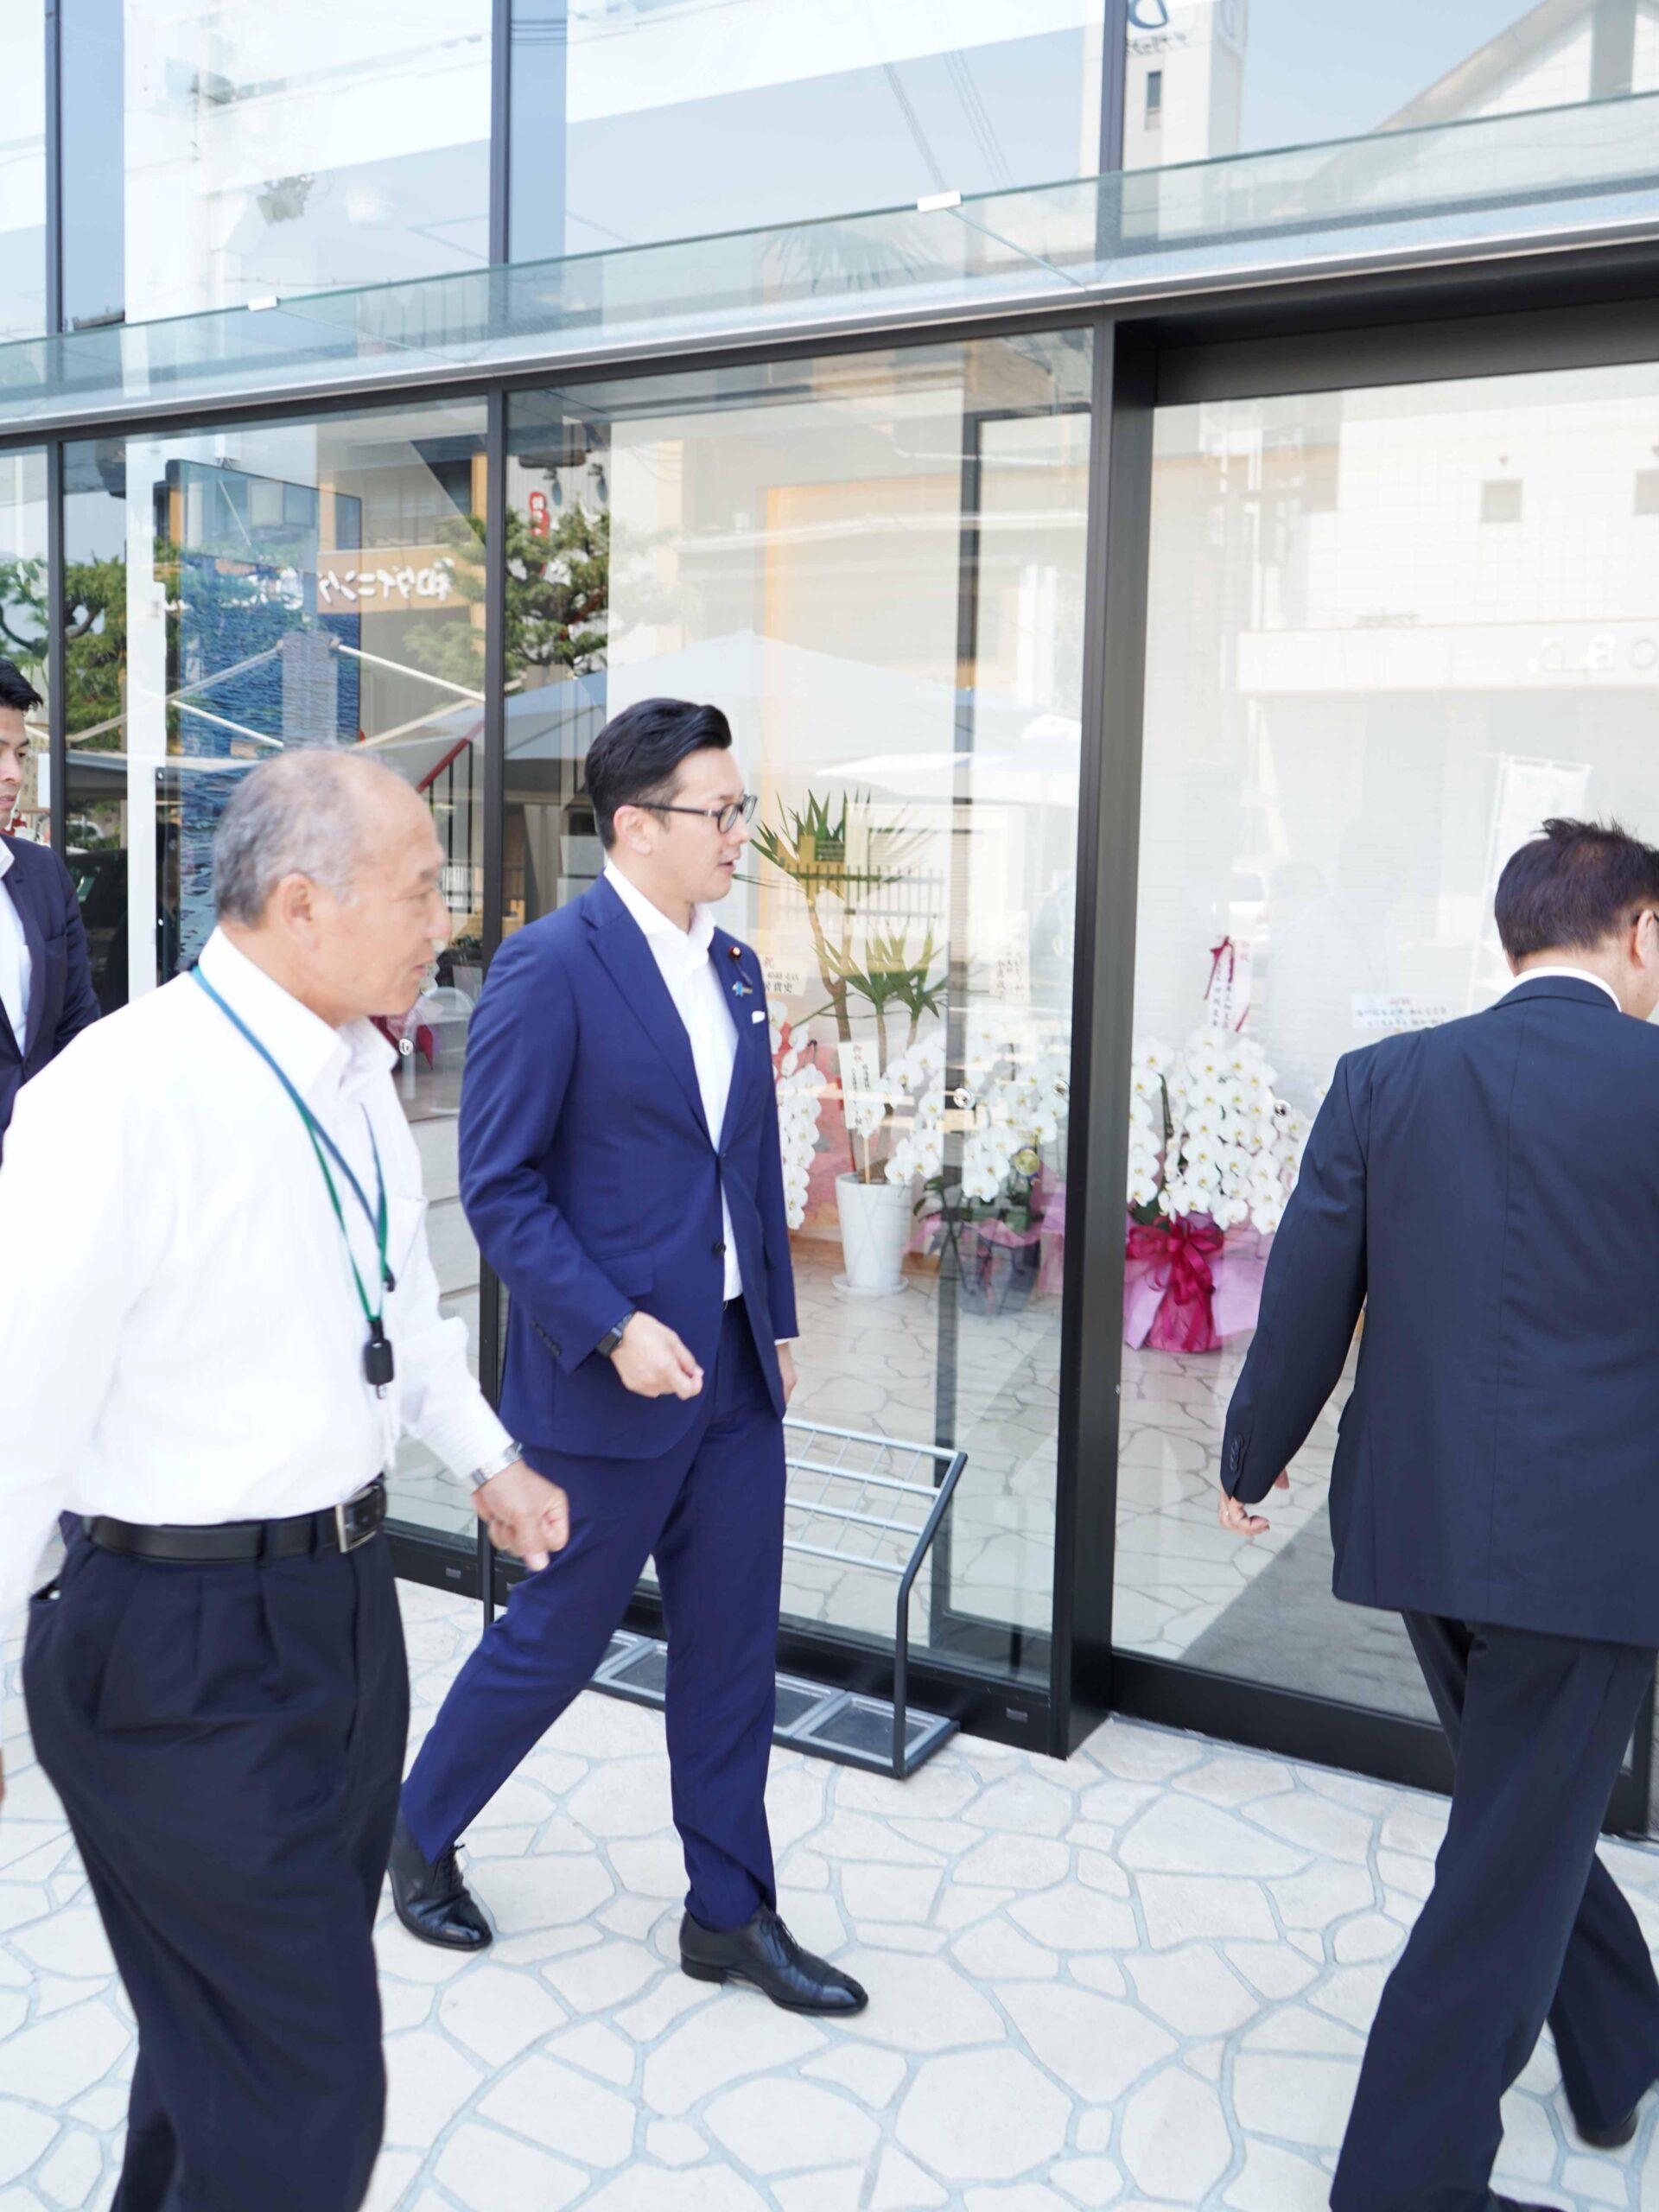 濱村農林水産大臣政務官が来訪されました!① その1